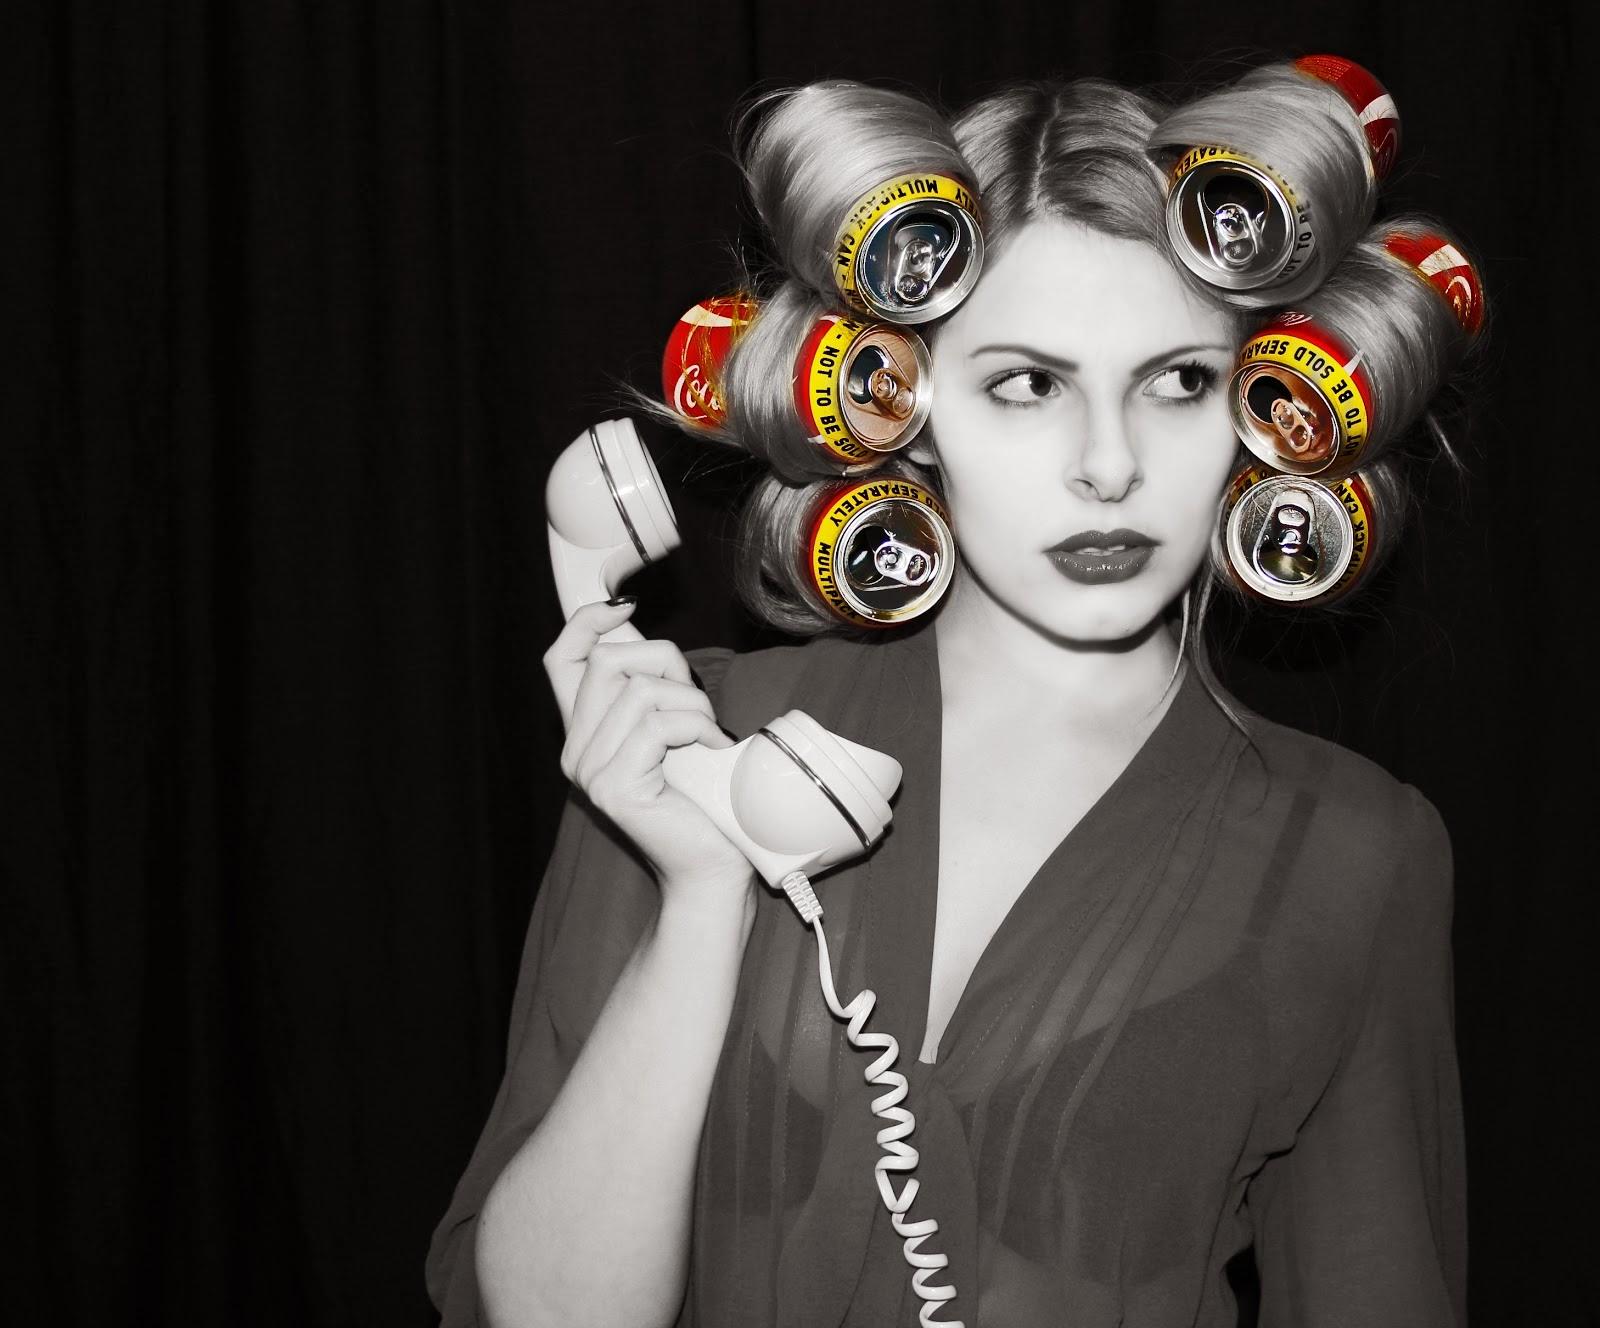 http://2.bp.blogspot.com/-7AkoPFbZZ2g/U5zwHqicYbI/AAAAAAAAUl4/VEvZsXnG0wg/s1600/Girls+Fashion+Peter+Akehurst+IMG_6761xxx.jpg